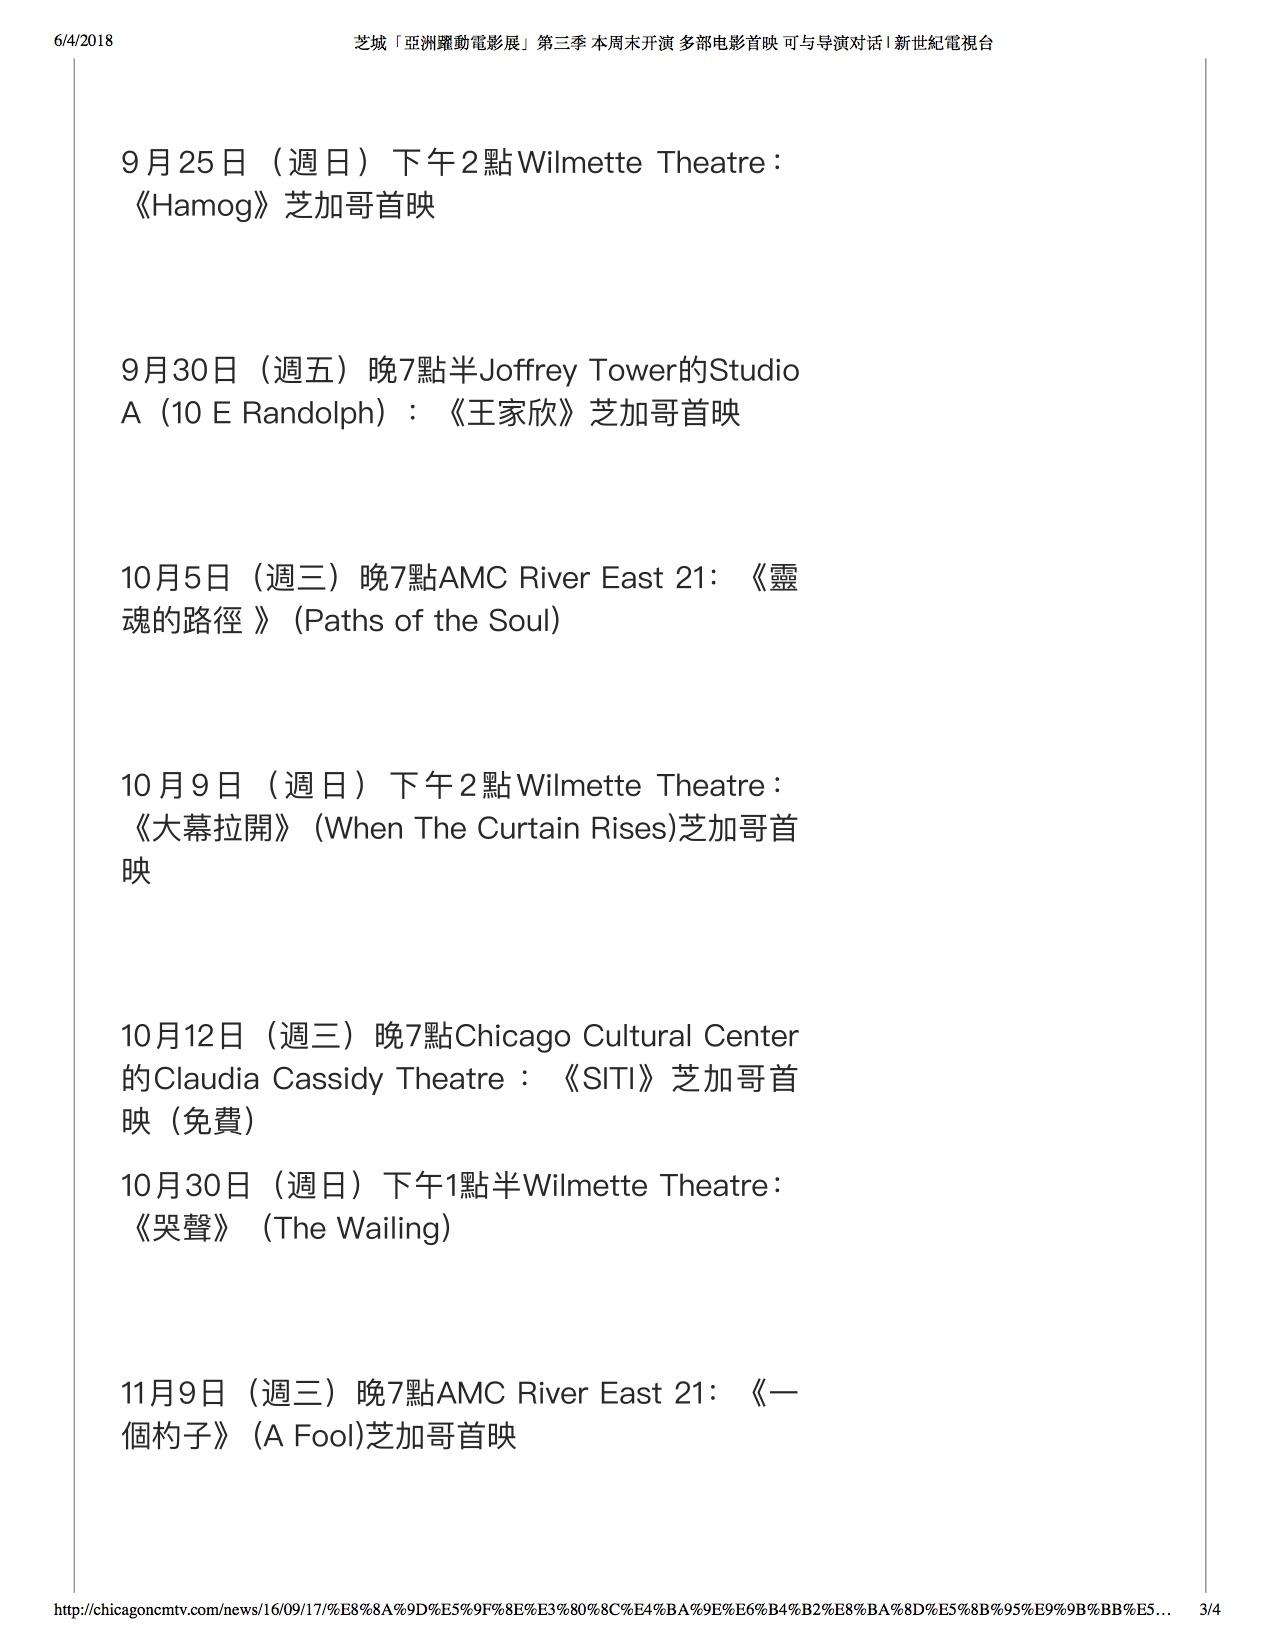 3芝城「亞洲躍動電影展」第三季 本周末开演 多部电影首映 可与导演对话 _ 新世紀電視台.jpg